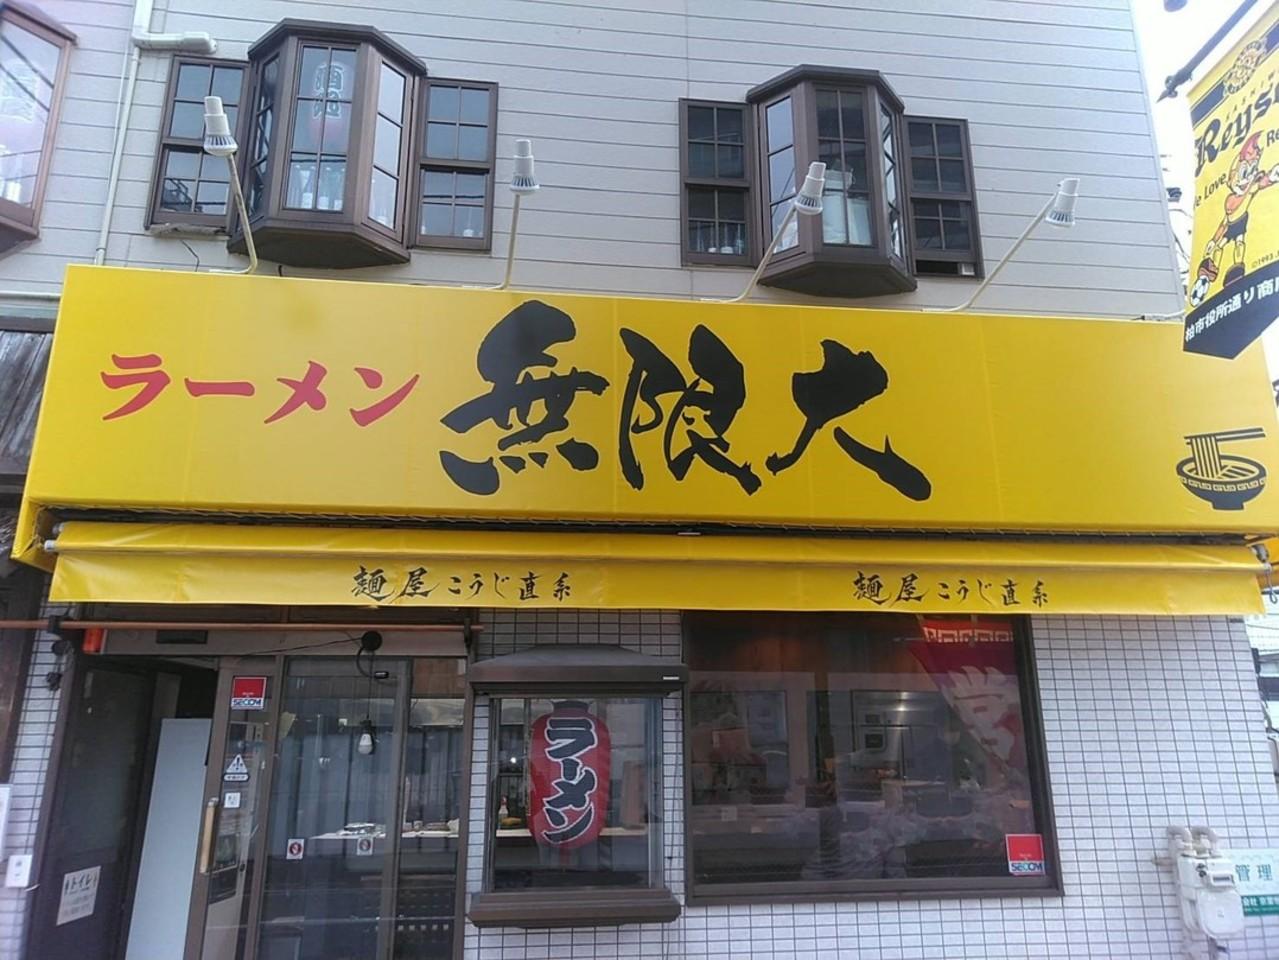 千葉県柏市旭町1丁目に「ラーメン 無限大 夢」が本日リニューアルオープンのようです。